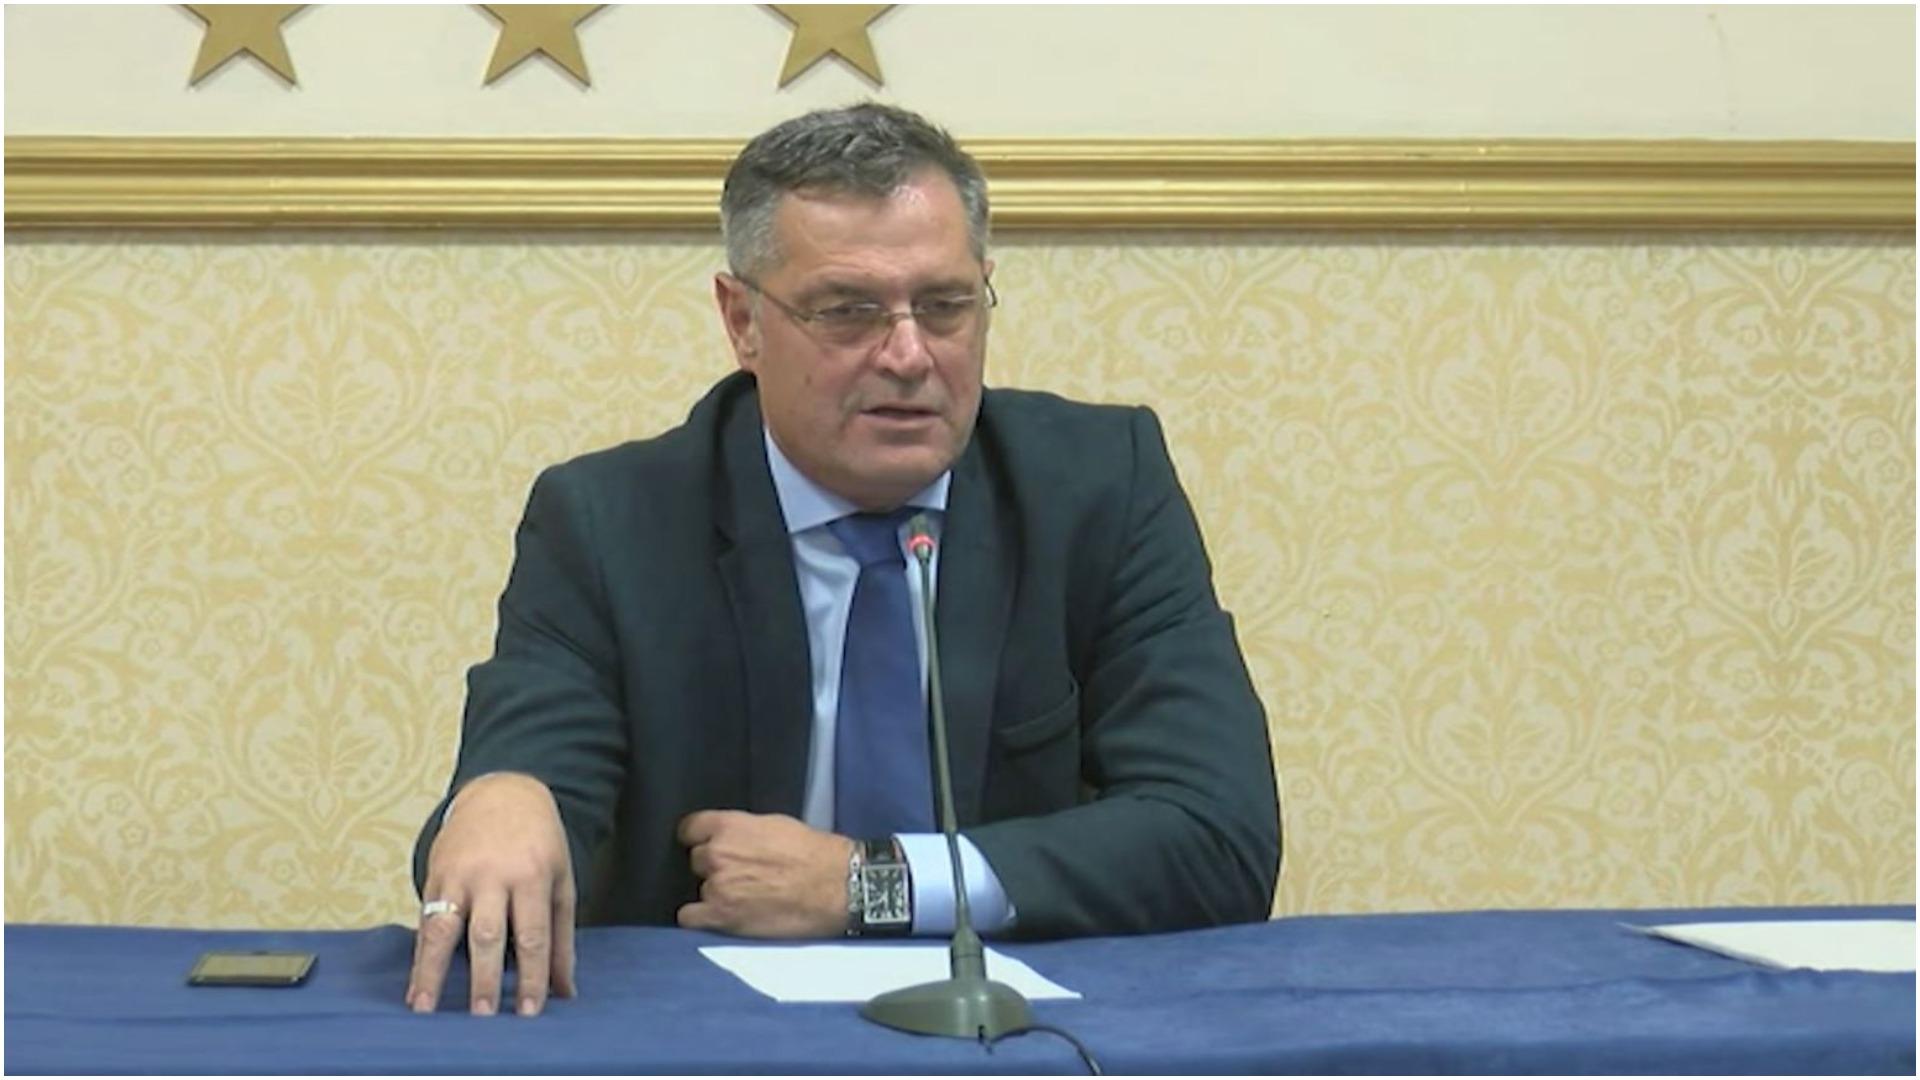 Fondi i UEFA-s, objektivi i Teutës dhe tifozët: Flet Artan Shyti